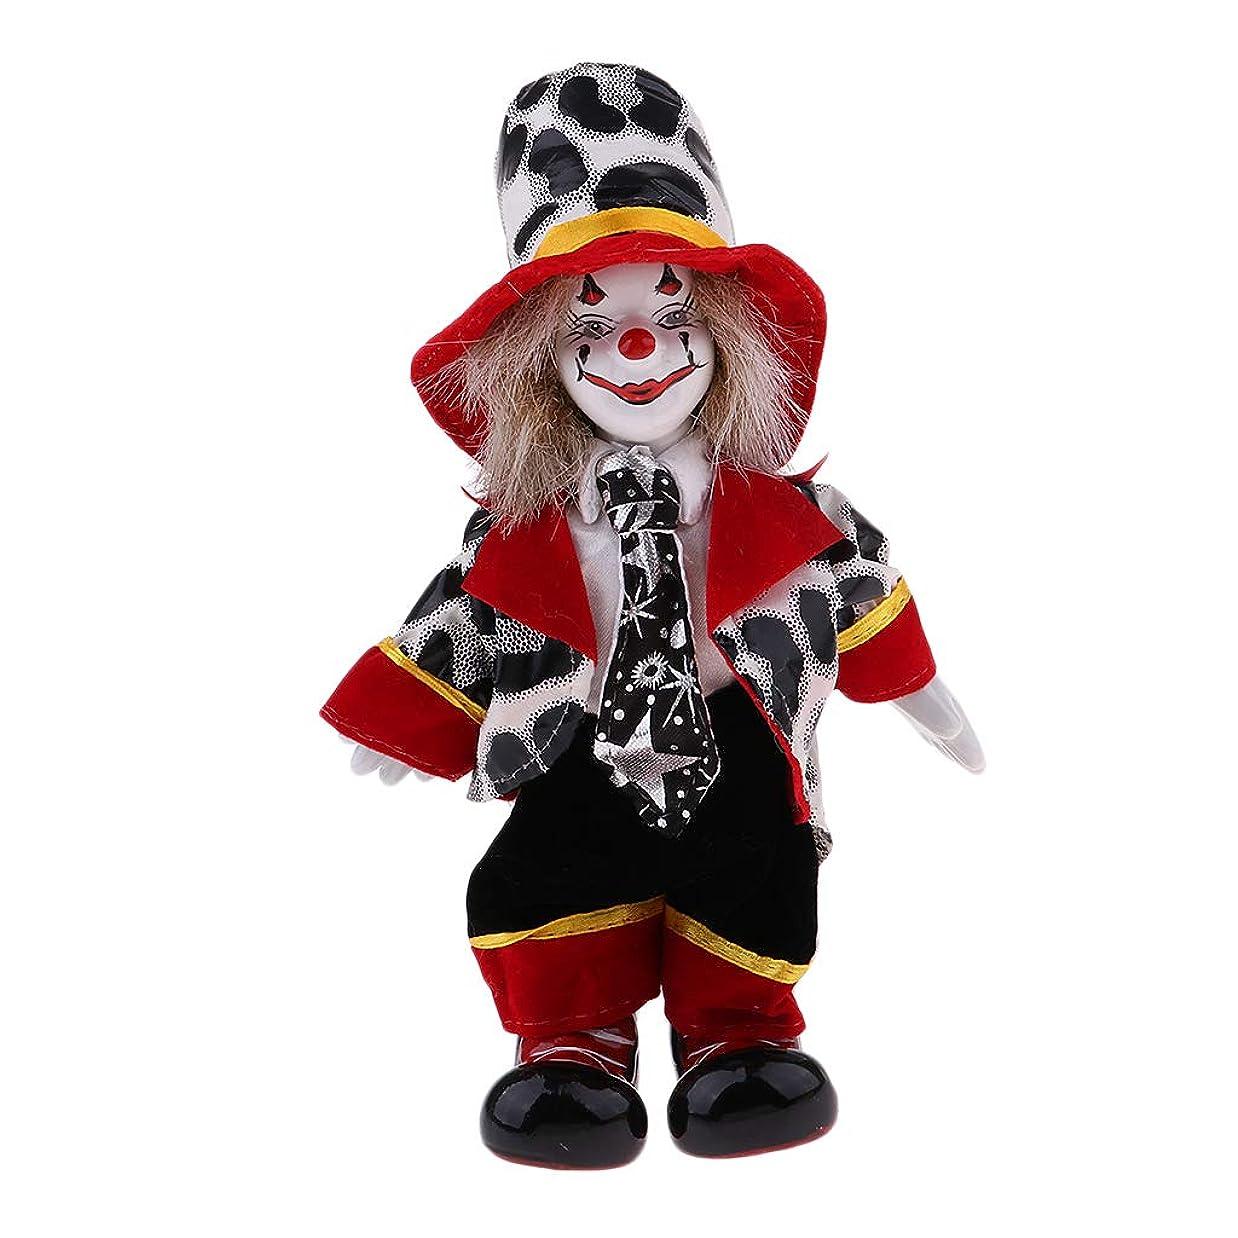 タイマー待って北へ子供 誕生日プレゼント 磁器ドール  ピエロの人形  ハロウィーン クリスマス インテリア飾り 4色 - #3